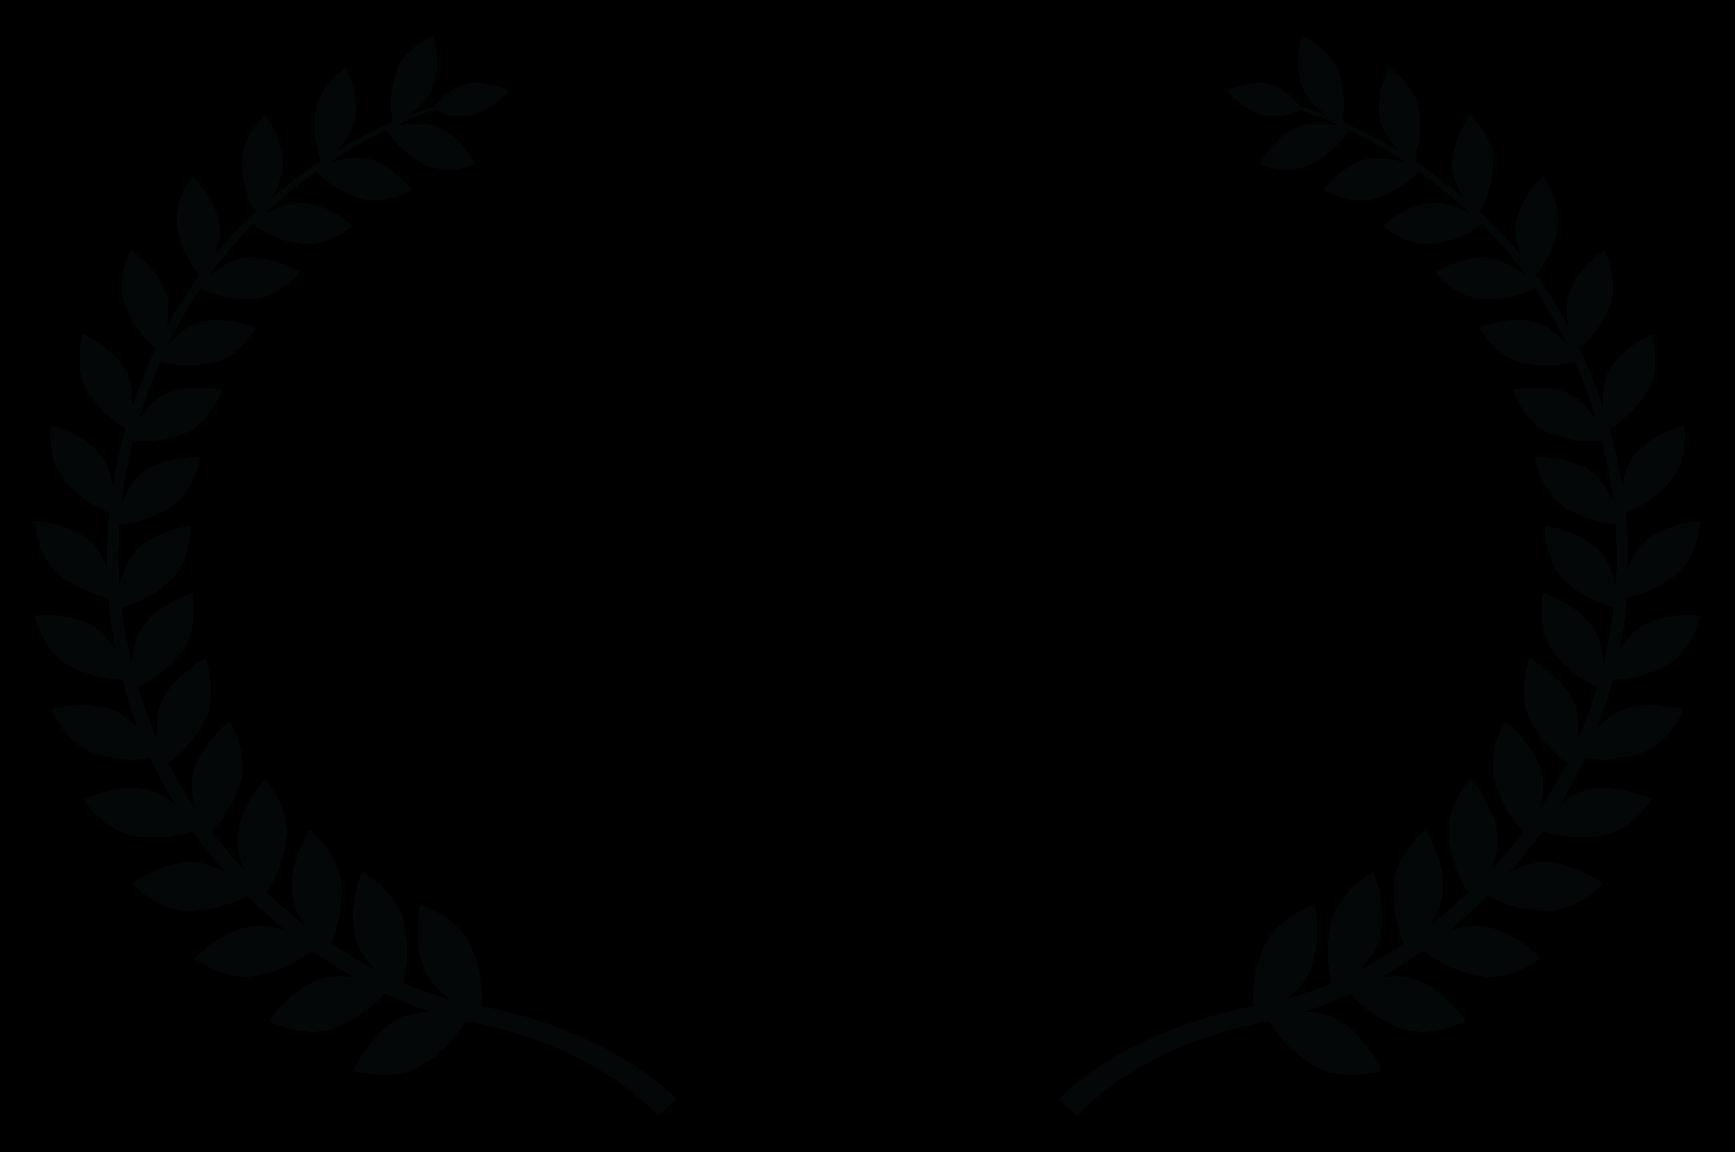 OFFICIAL SELECTION - Julien Dubuque International Film Festival April 22-26 2020 - 2019.png